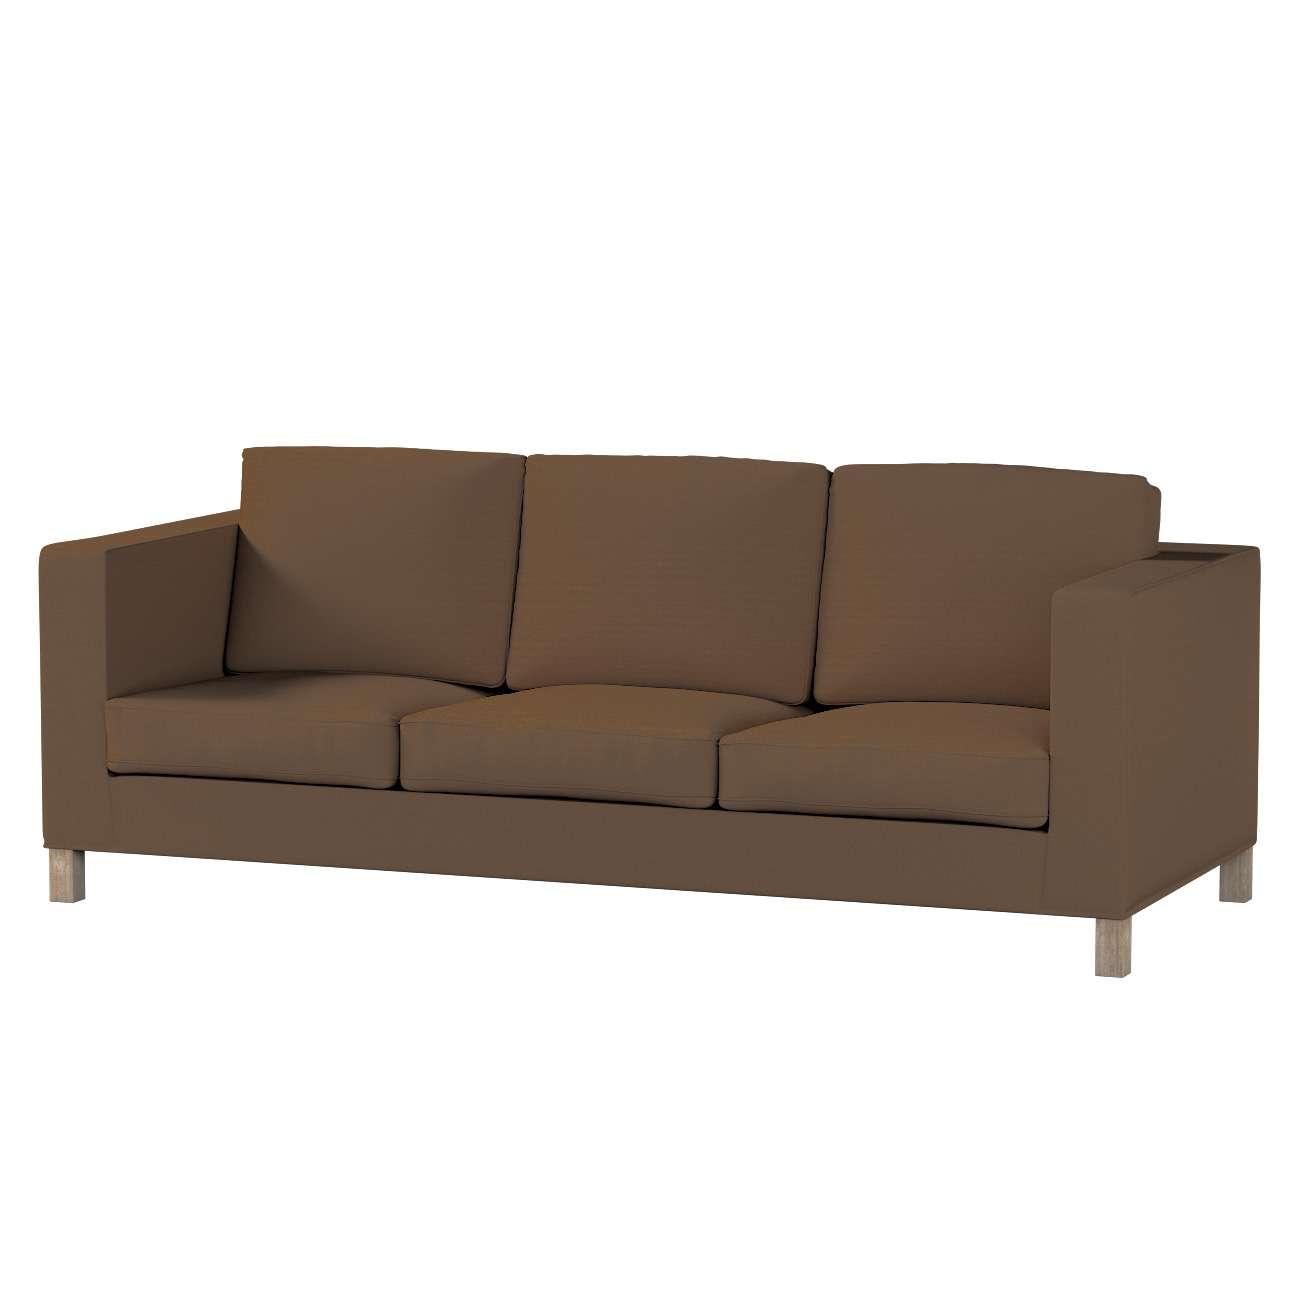 Pokrowiec na sofę Karlanda 3-osobową nierozkładaną, krótki Sofa Karlanda 3-os w kolekcji Cotton Panama, tkanina: 702-02